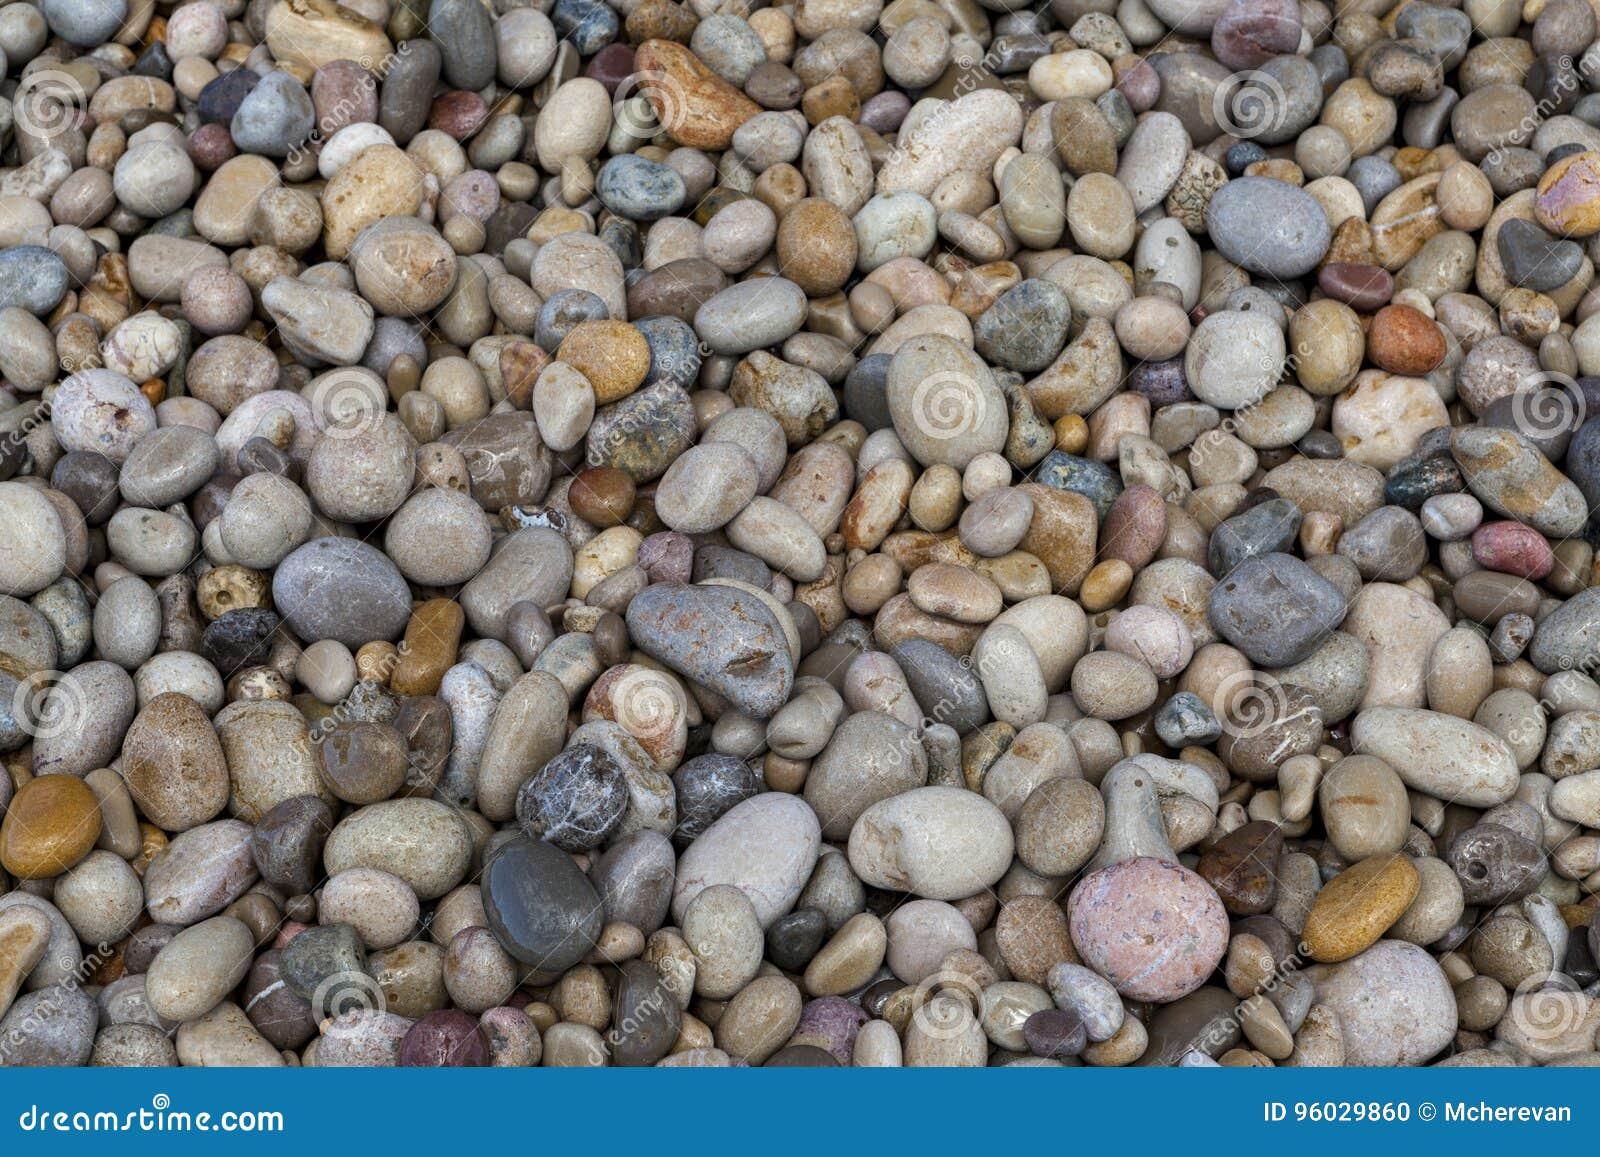 Szczegółowe prawdziwe tło bardzo kamień Perfect tło dla tworzyć płytki, dekoracyjne cegiełki, parkietowe, laminat, kuchenne fasad